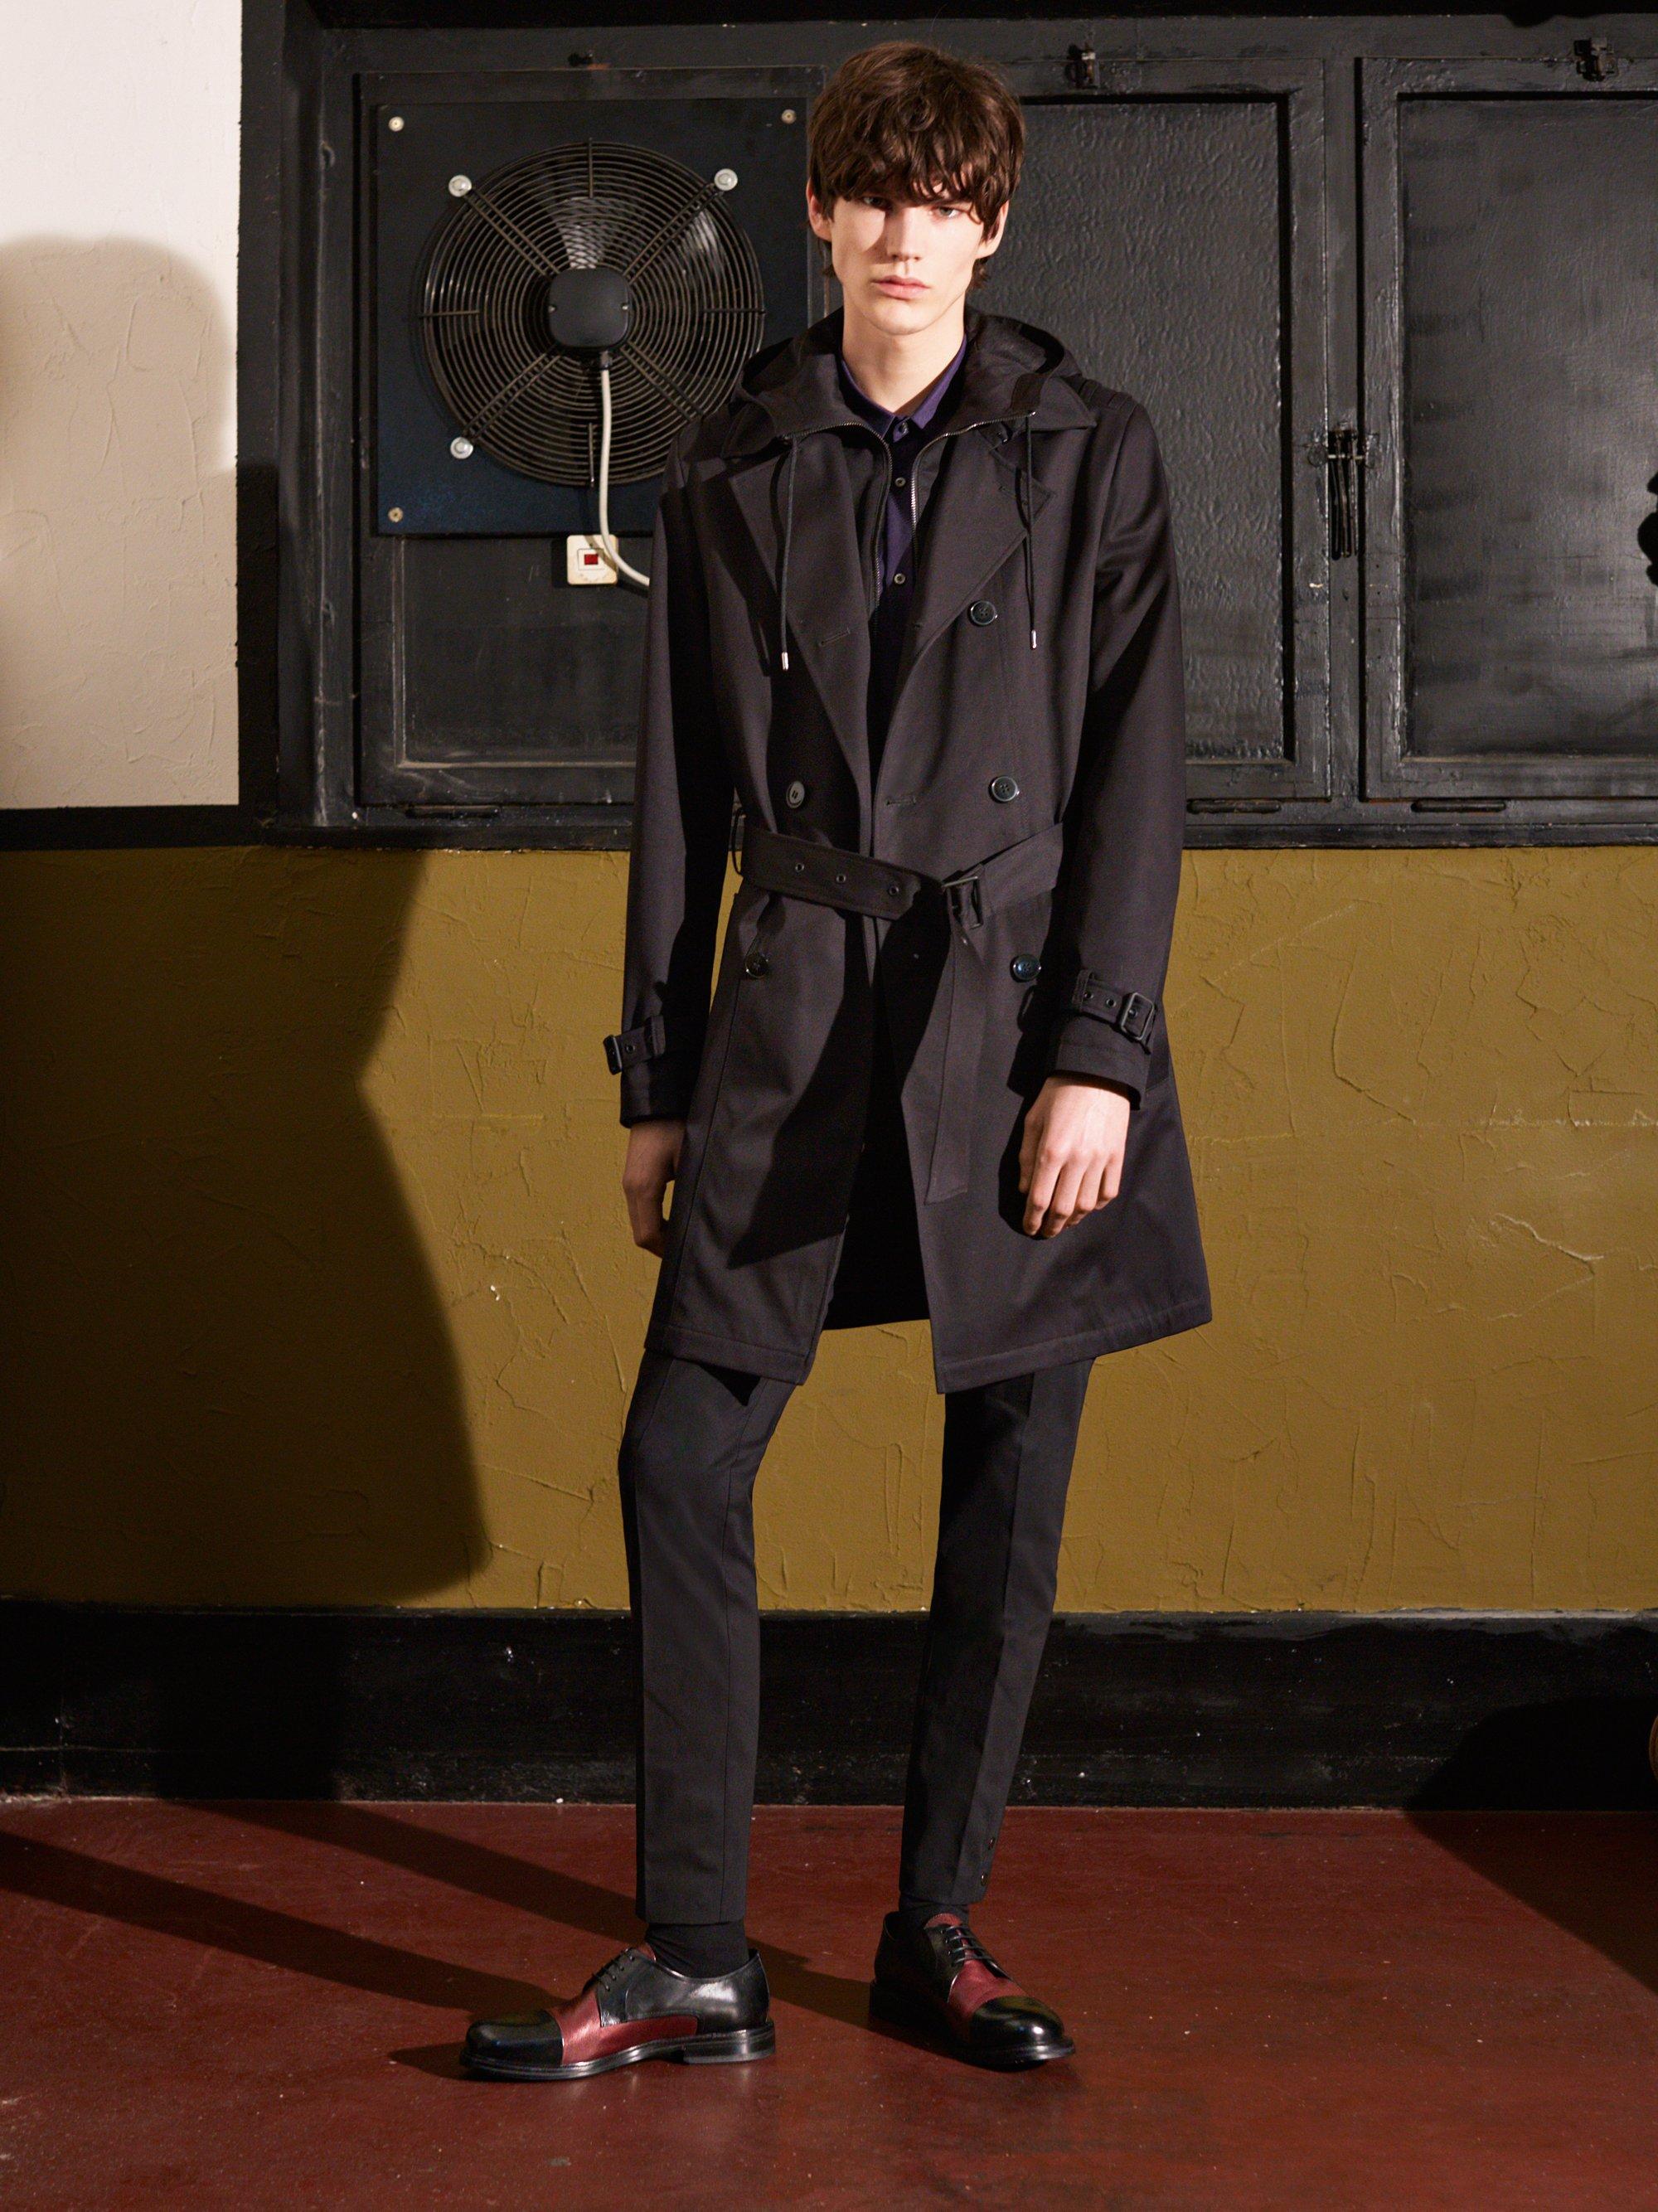 Schwarzer Trenchcoat, Hose und Schuhe von HUGO